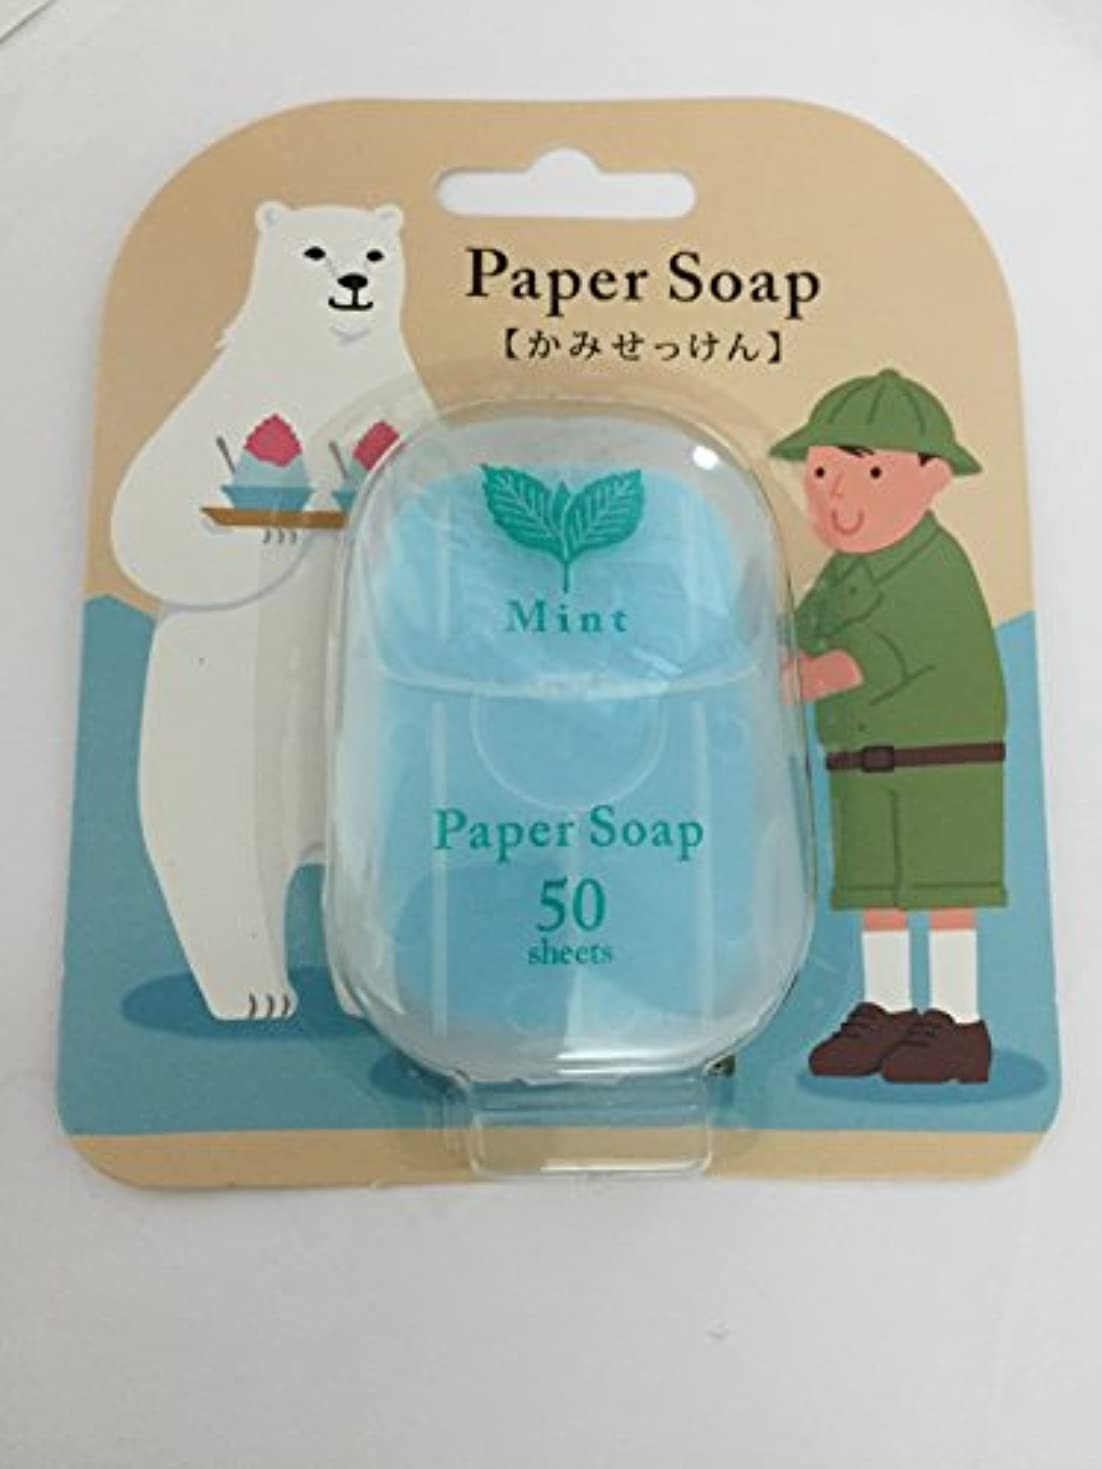 アンタゴニスト先に送ったペーパーソープ(かみせっけん) ミントの香り 新商品